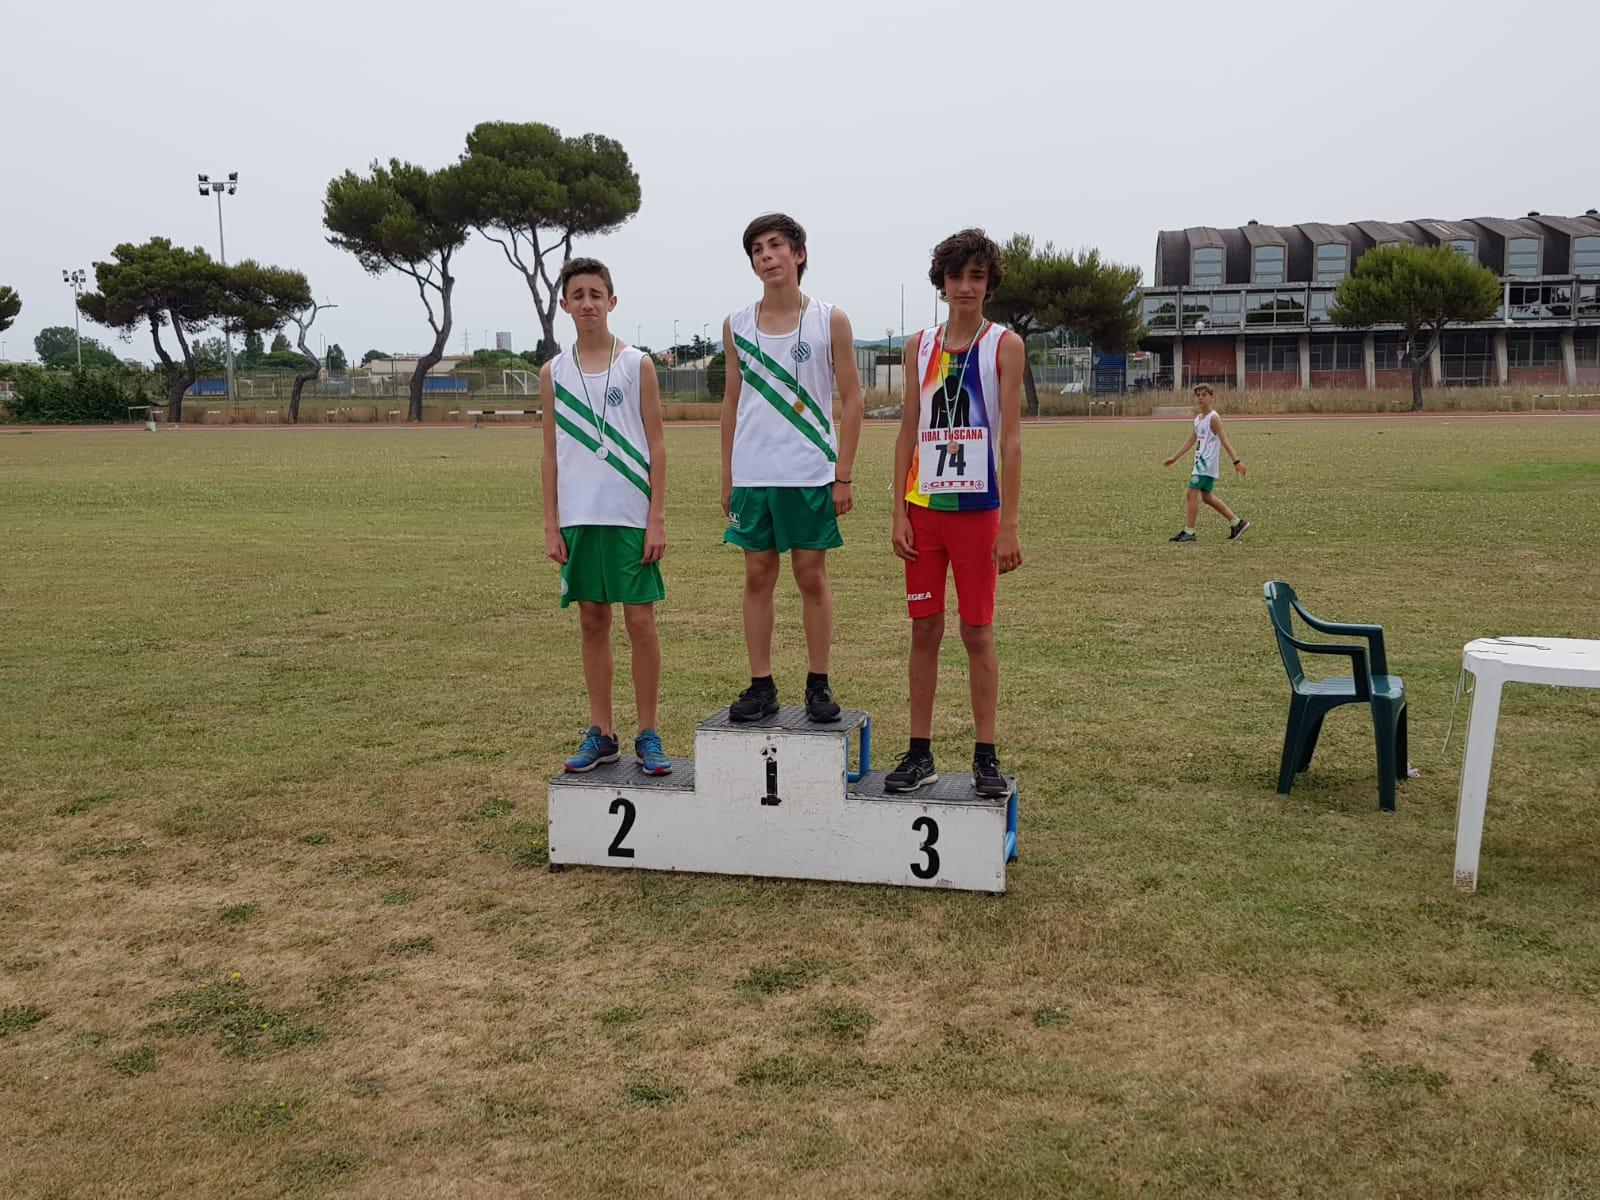 Domenica 20 giugno gare ragazzi a Livorno, noi siamo presenti con solamente 2 atleti Oreste Fiaschi e Michele Antonio Napolitano, prima gara in programma il […]